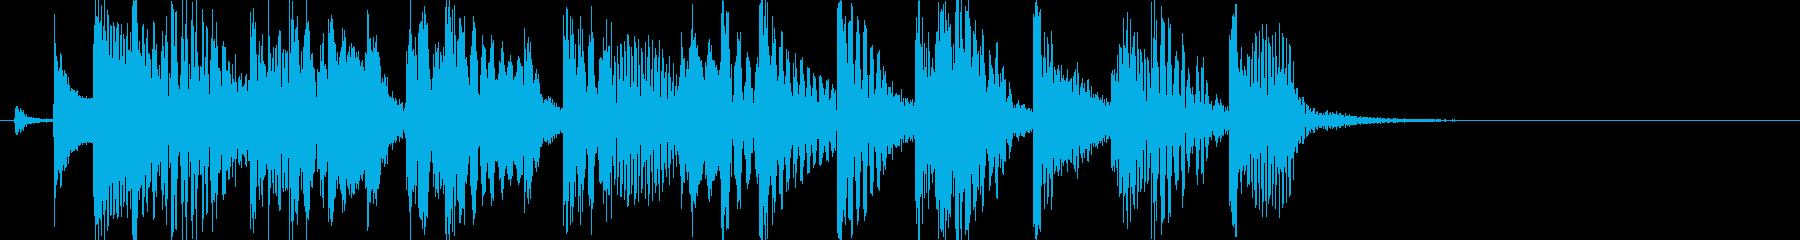 マリンバが印象的な、ほのぼの系ジングルの再生済みの波形